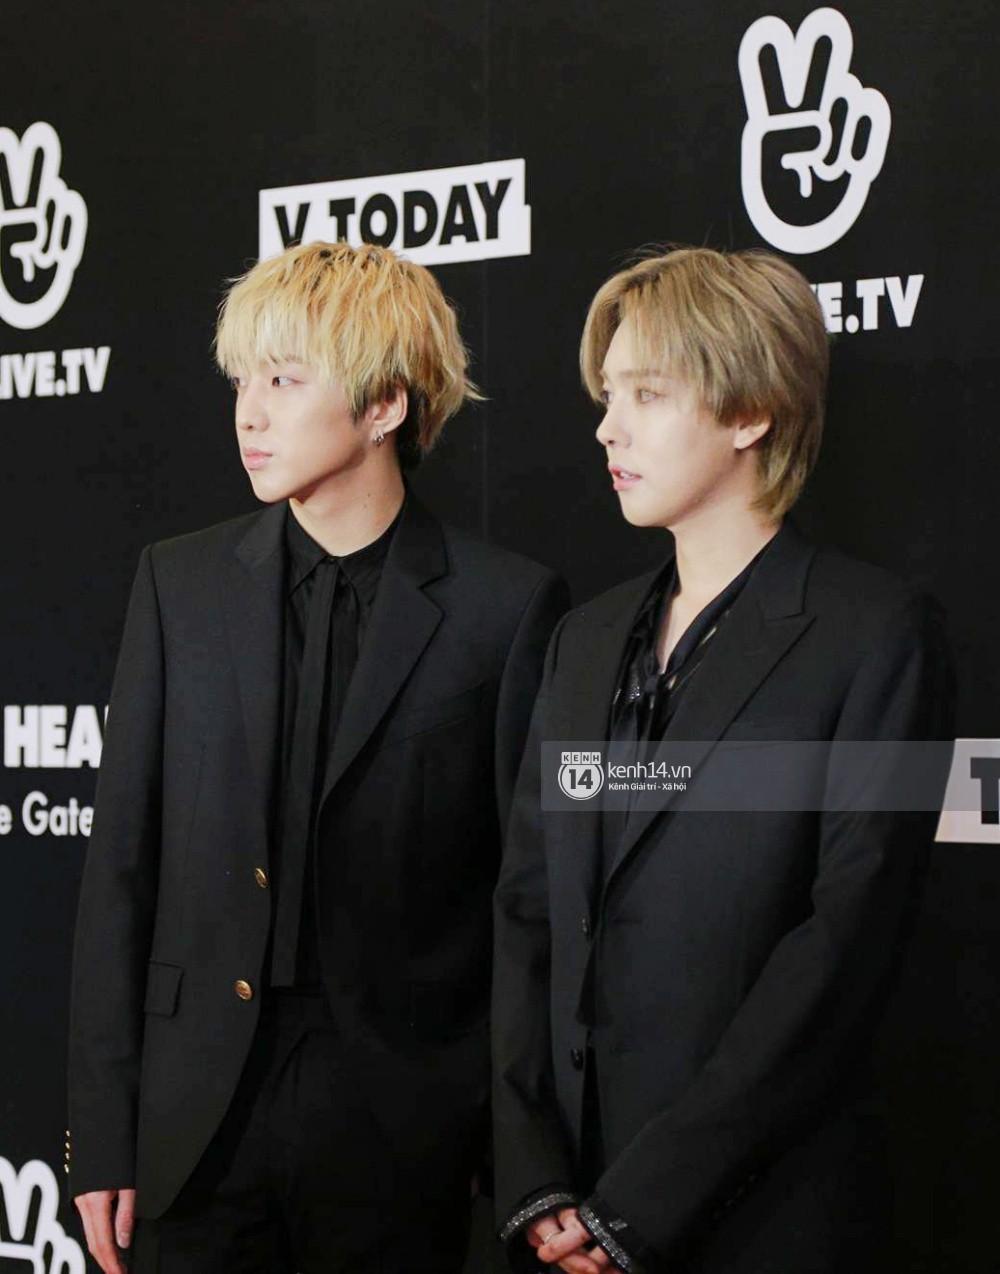 Thảm đỏ đêm nhạc Hàn-Việt: Jung Hae In, WINNER đẹp trai cực phẩm, Chi Pu và Hòa Minzy đọ sắc cùng loạt sao Việt - Ảnh 8.